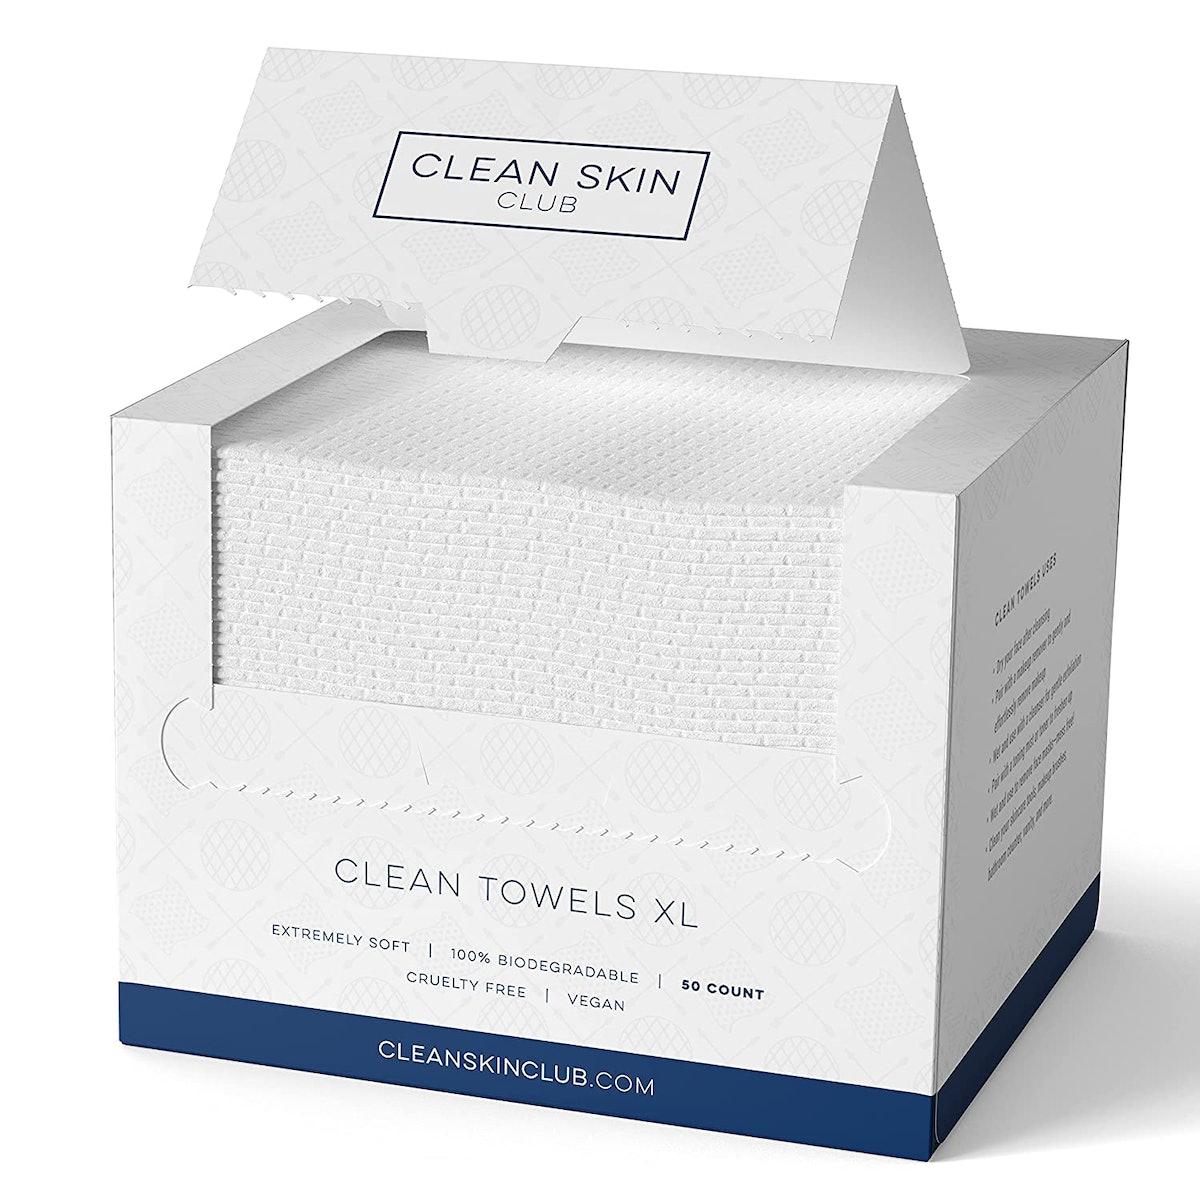 Clean Skin Club Clean Towels XL